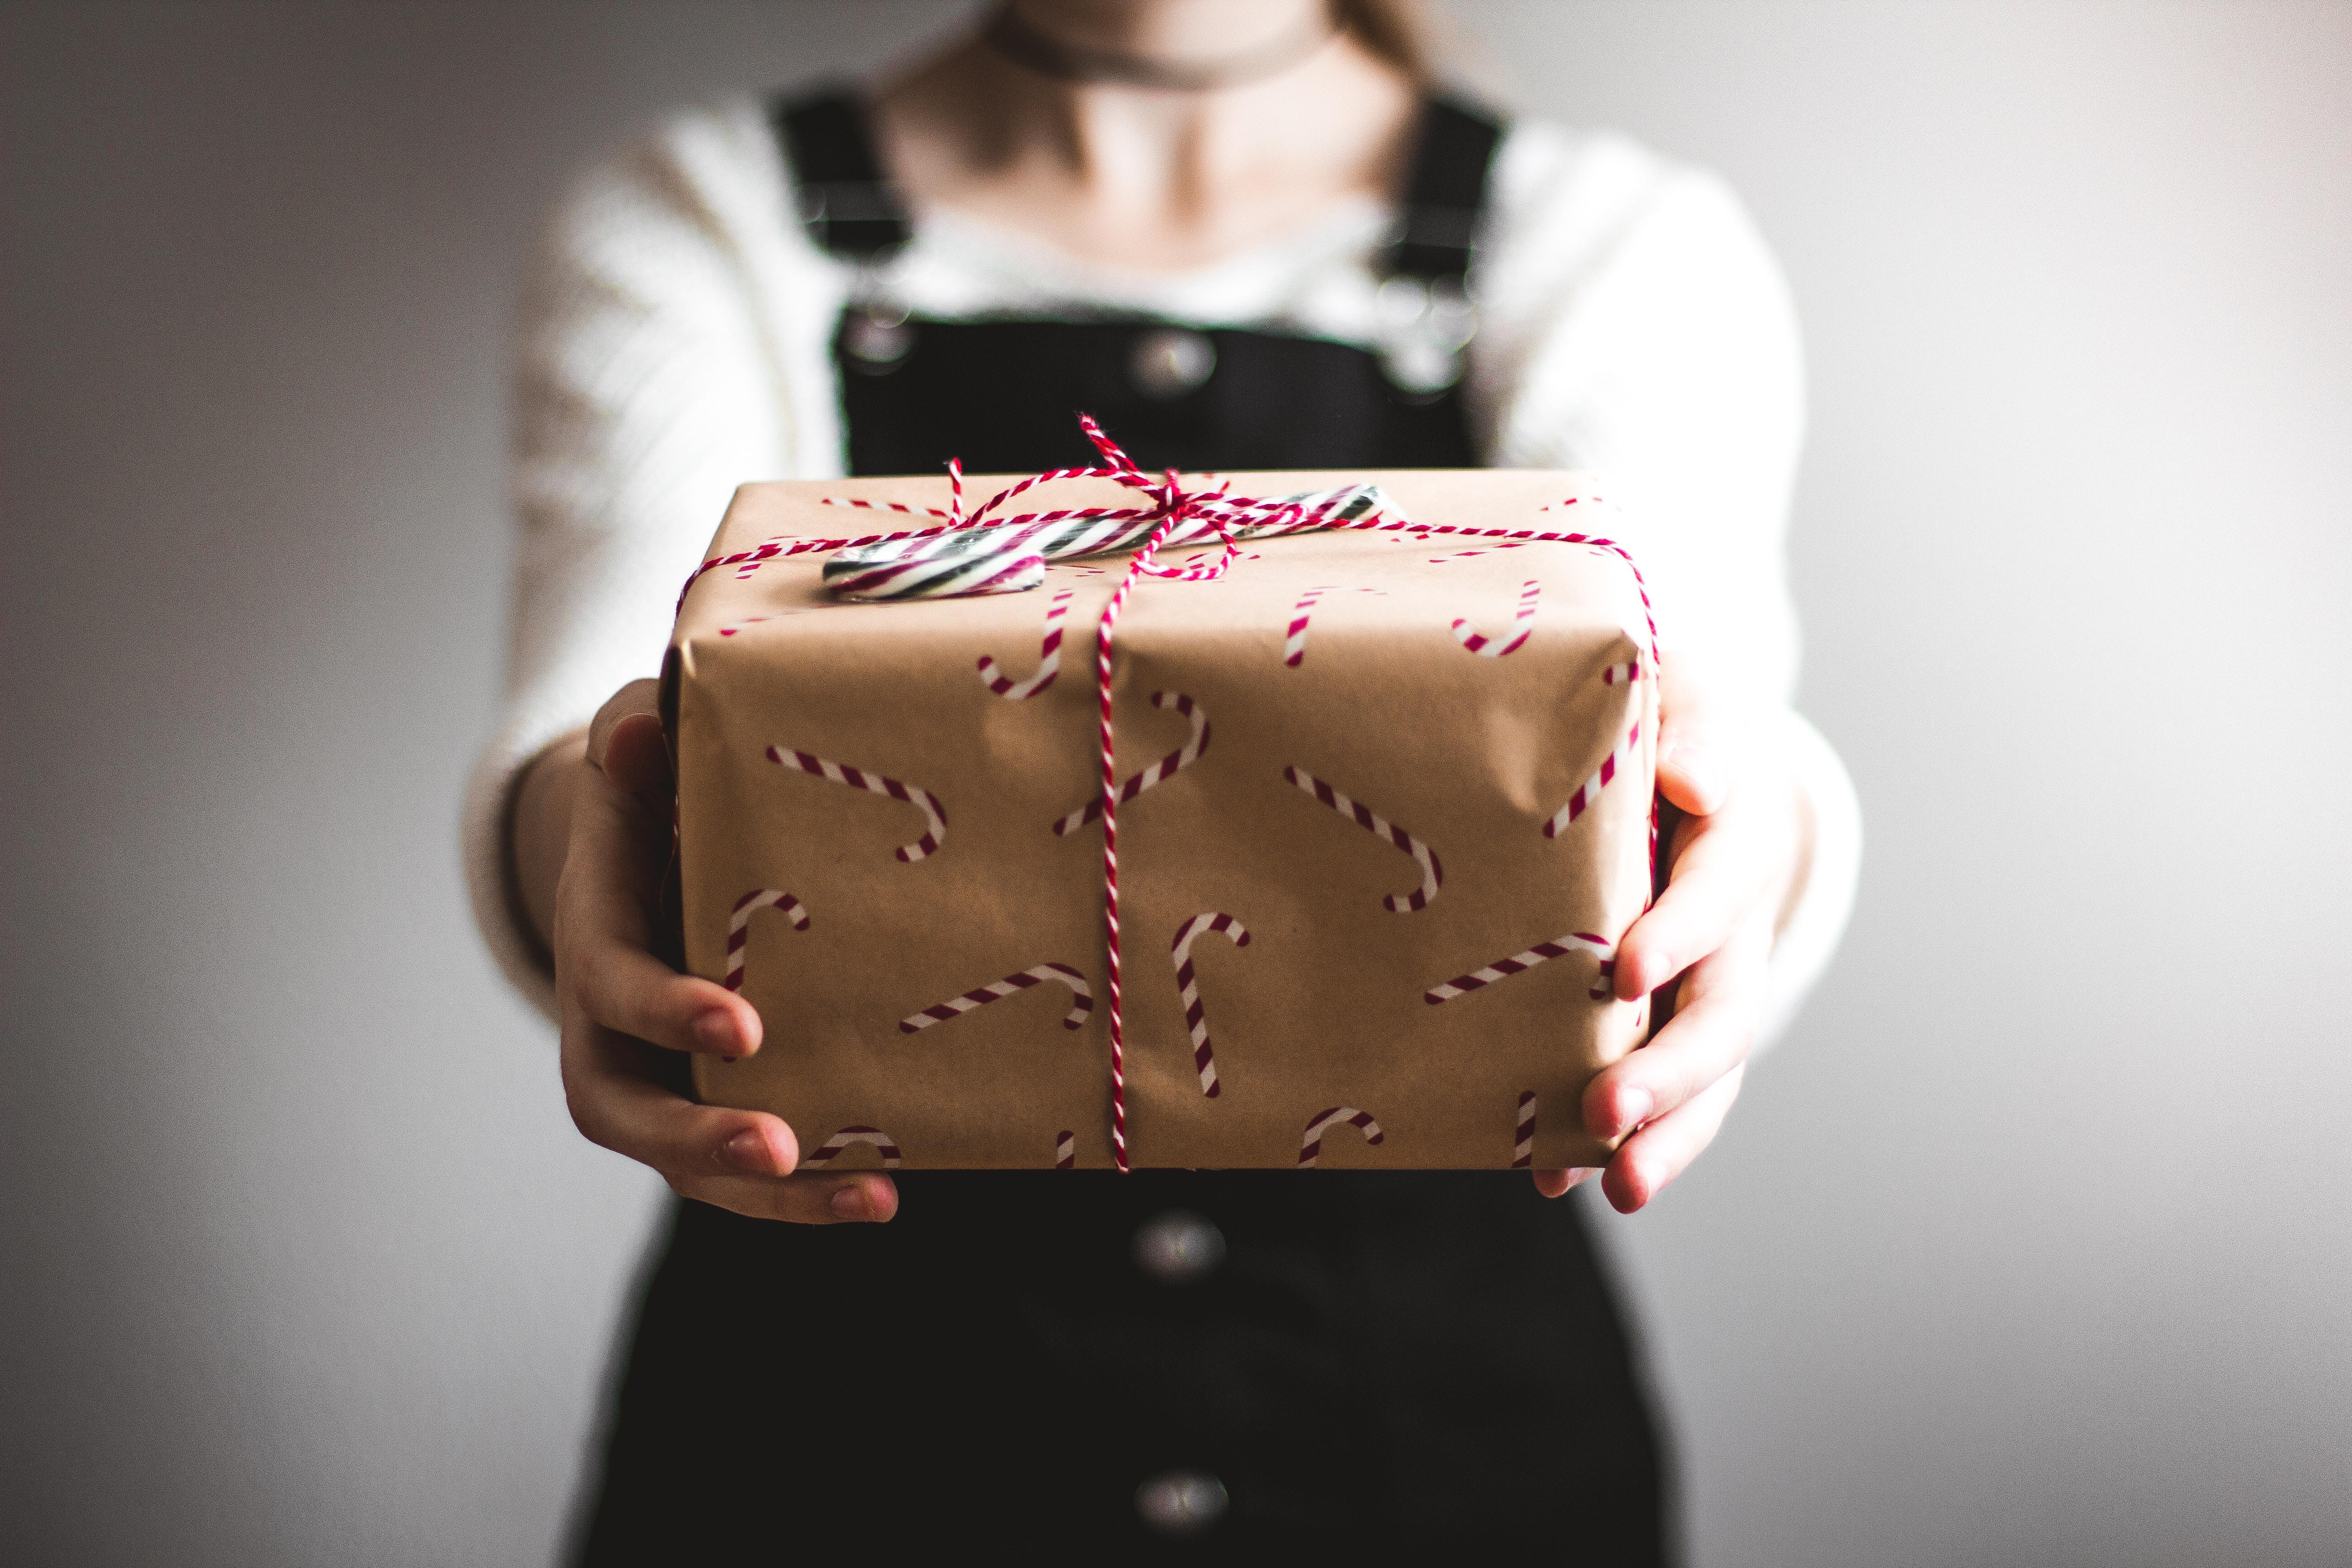 Das Bild zeigt eine Person die ein Geschenk in Richtung Kamera streckt.